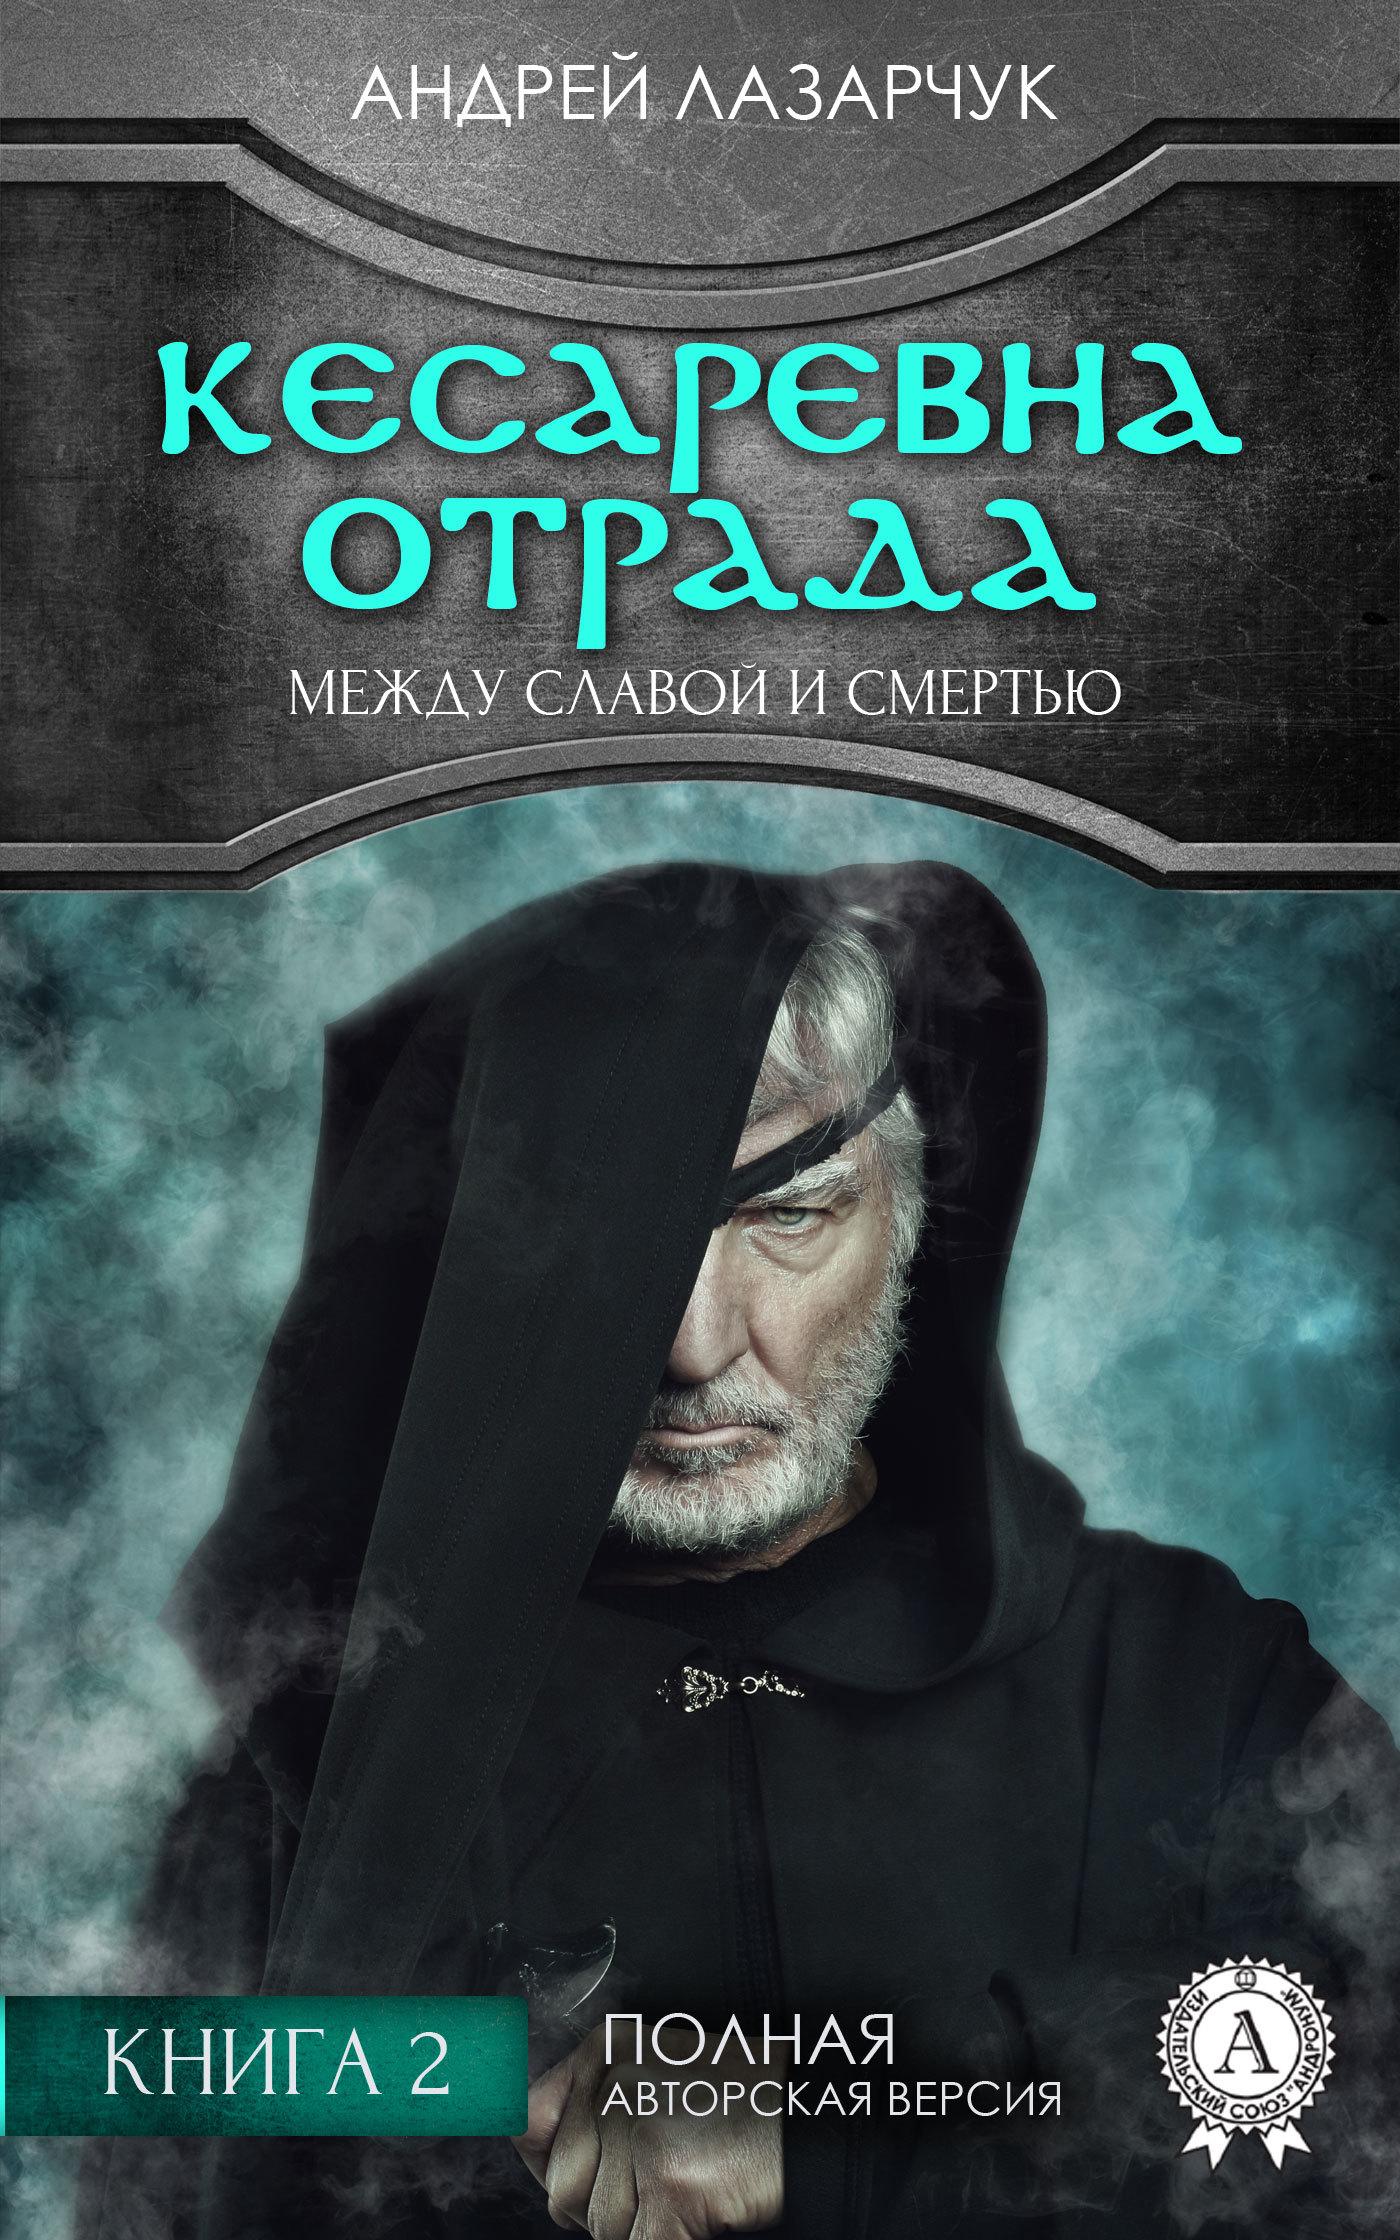 Андрей Лазарчук «Кесаревна Отрада между славой и смертью. Книга 2»